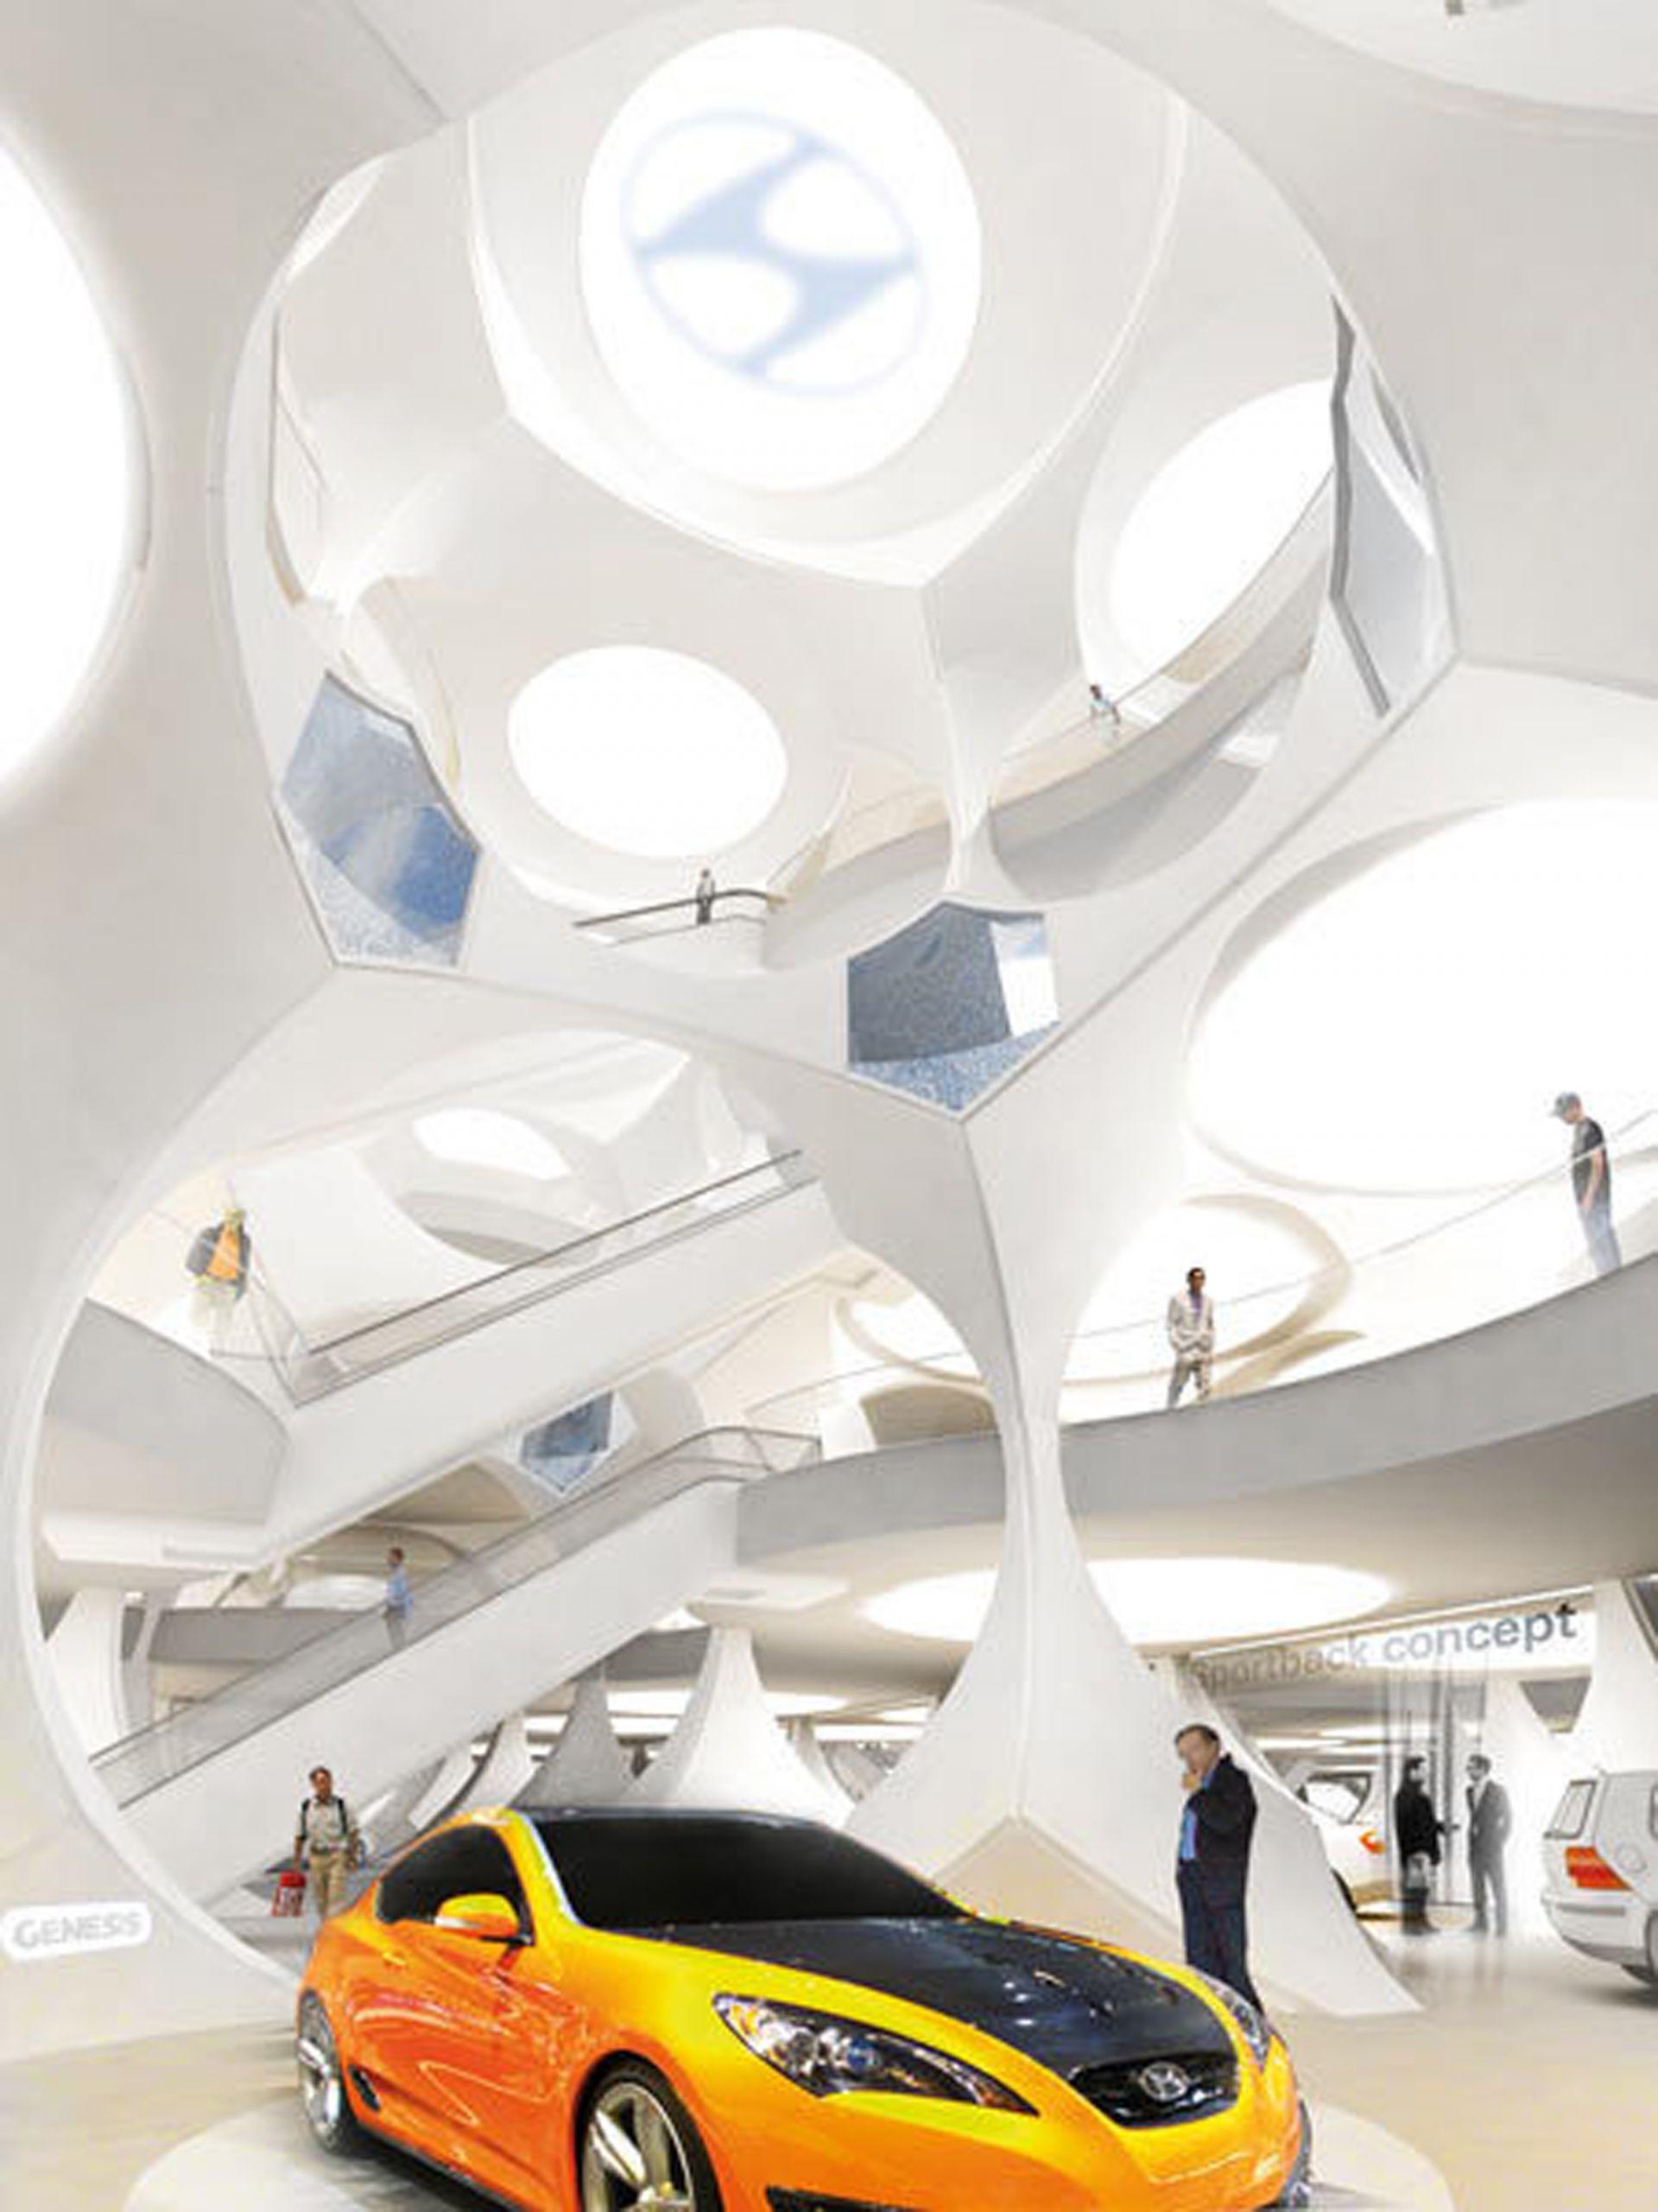 Auto Showroom And Leisure Interior Modlar Com